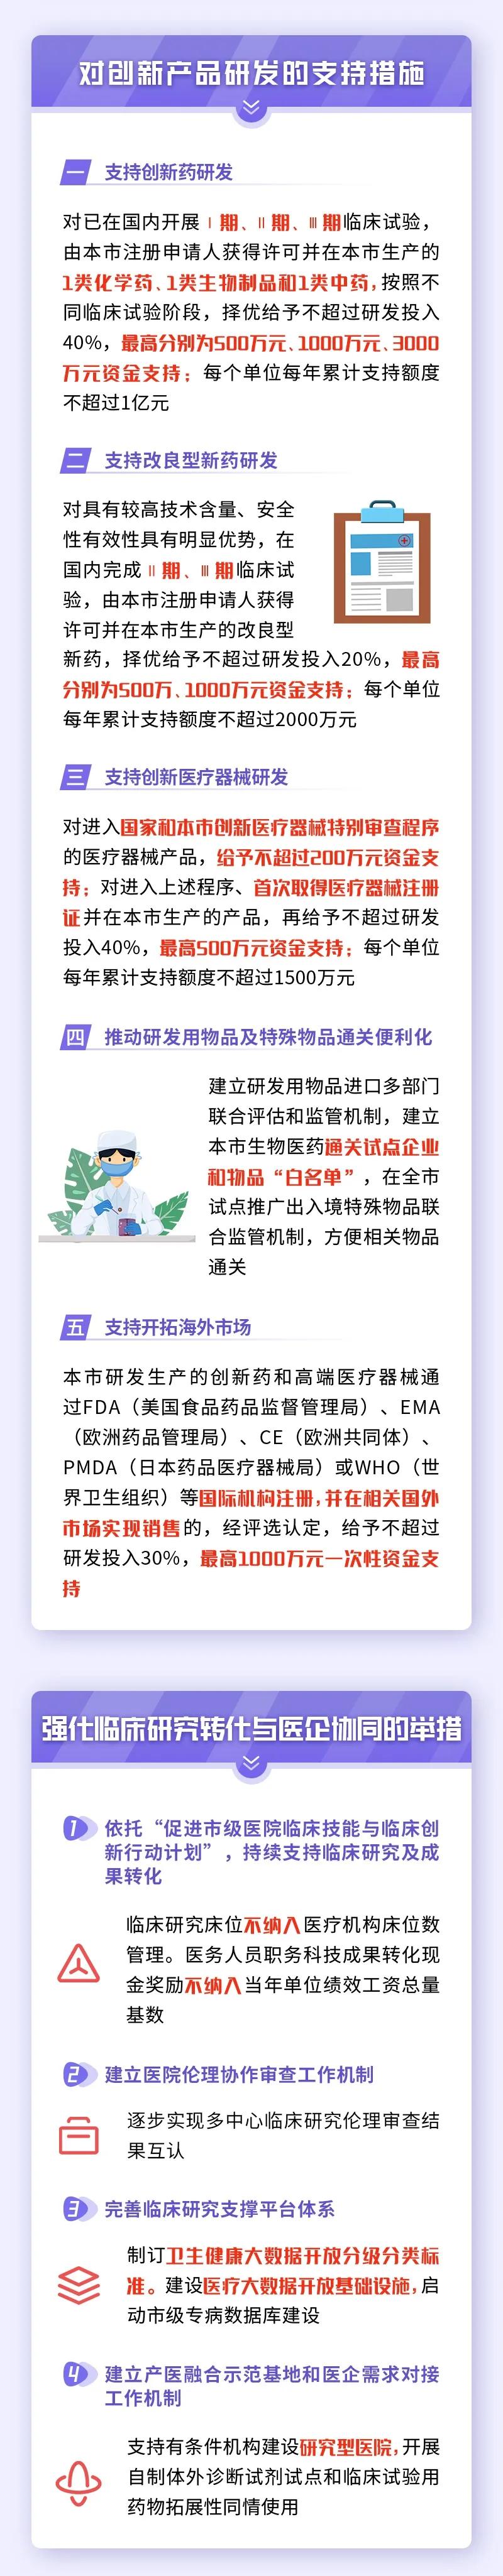 """打响""""张江研发+上海制造""""品牌!上海力促生物医药产业高质量发展!"""